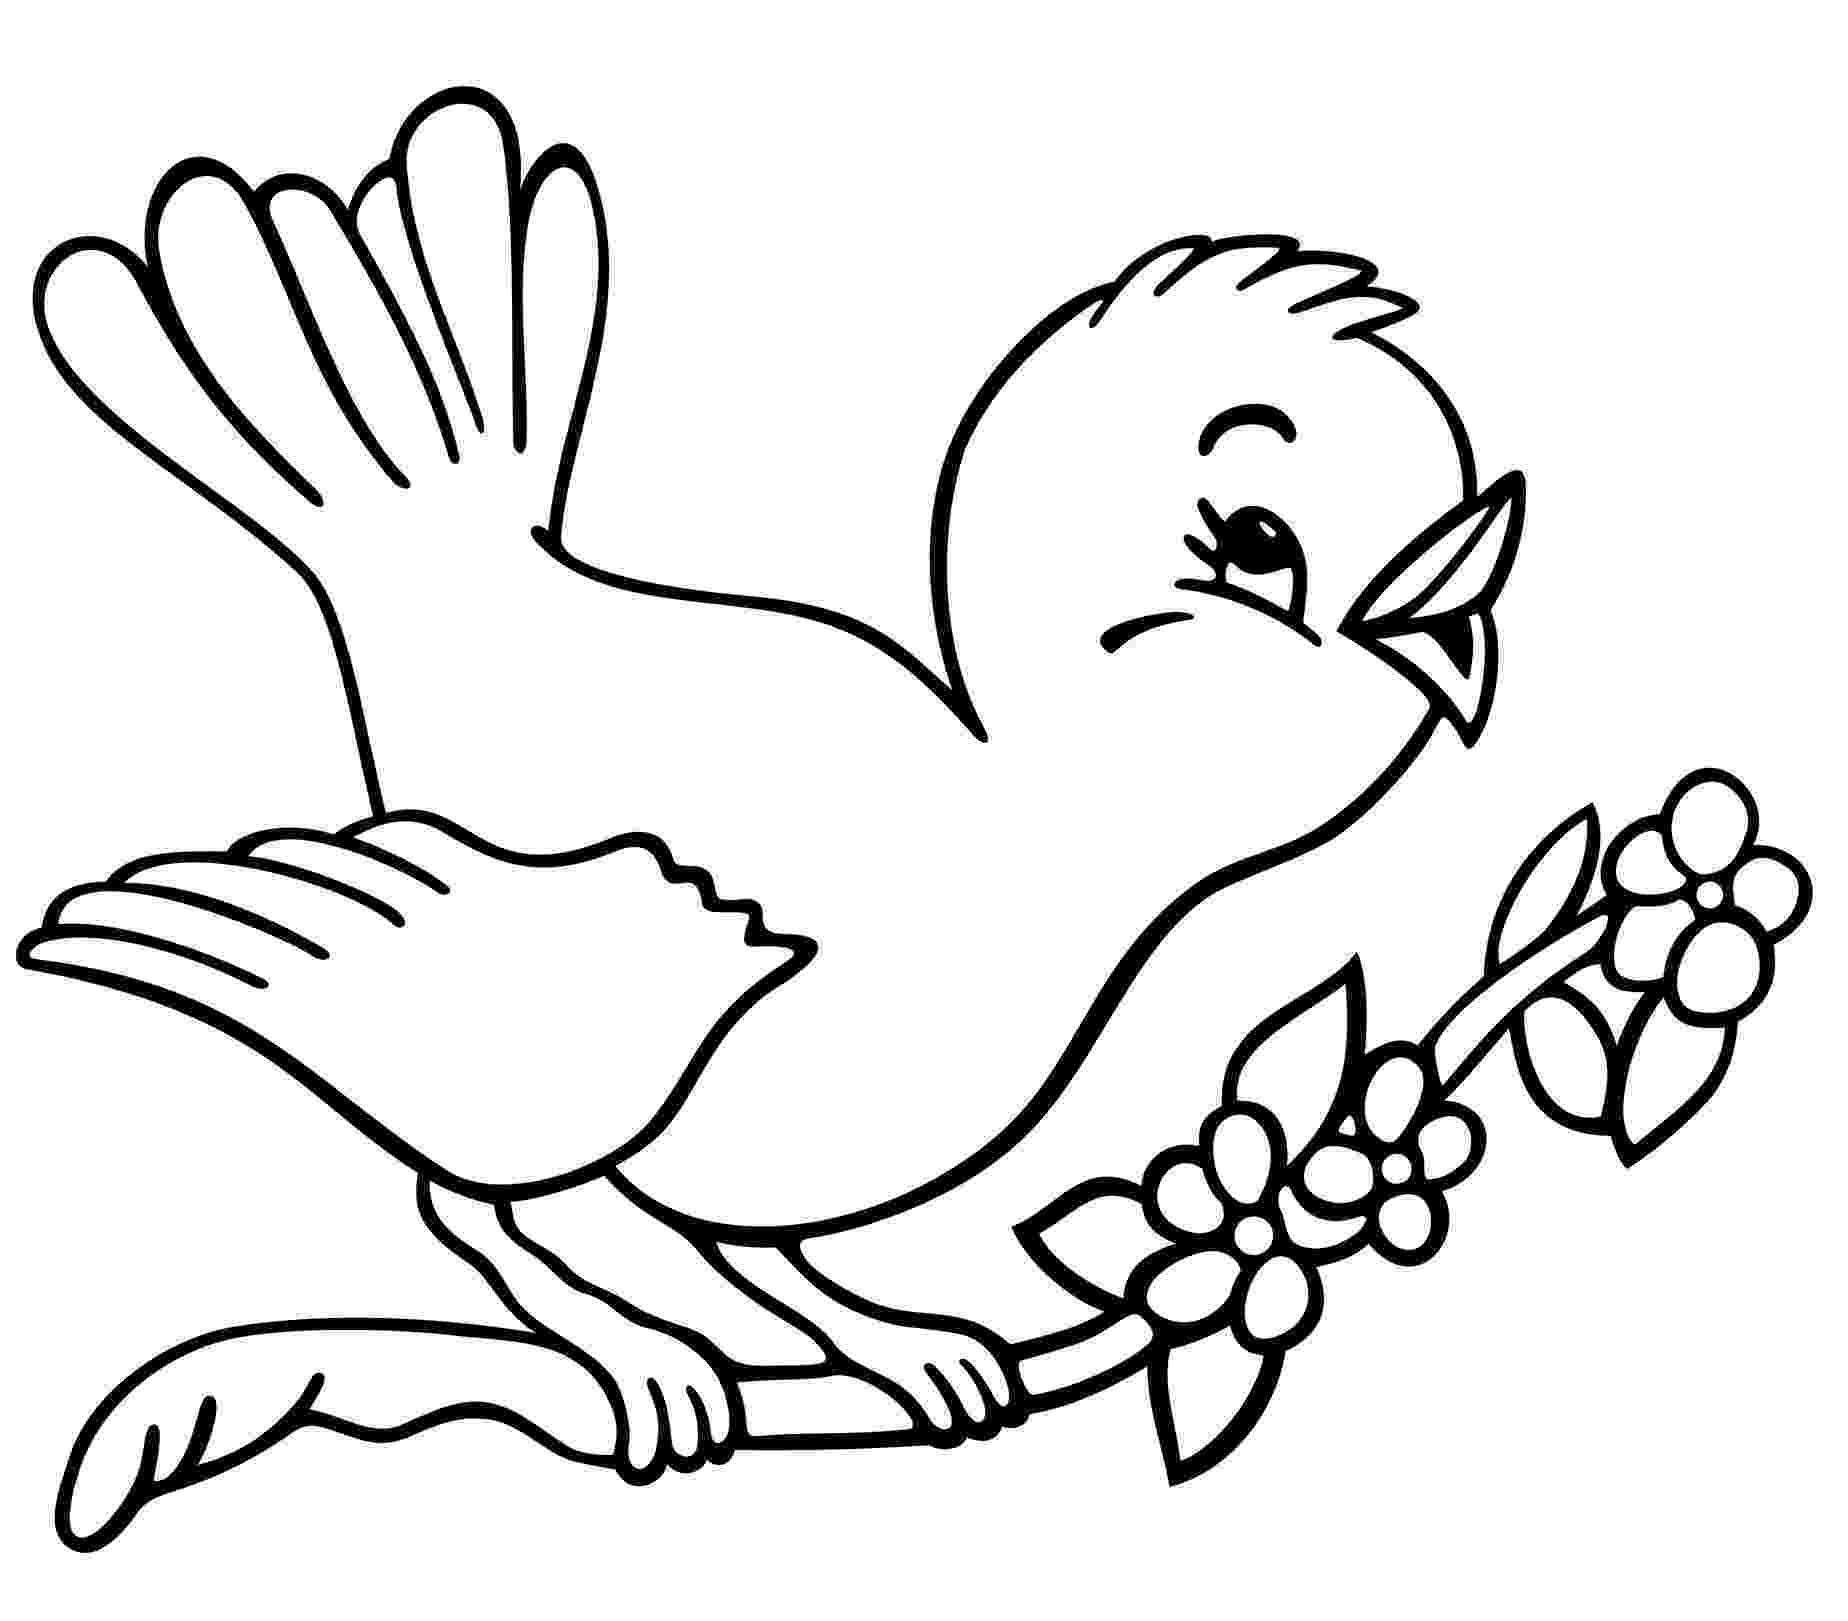 colouring picture bird cuckoo bird coloring pages bird colouring picture